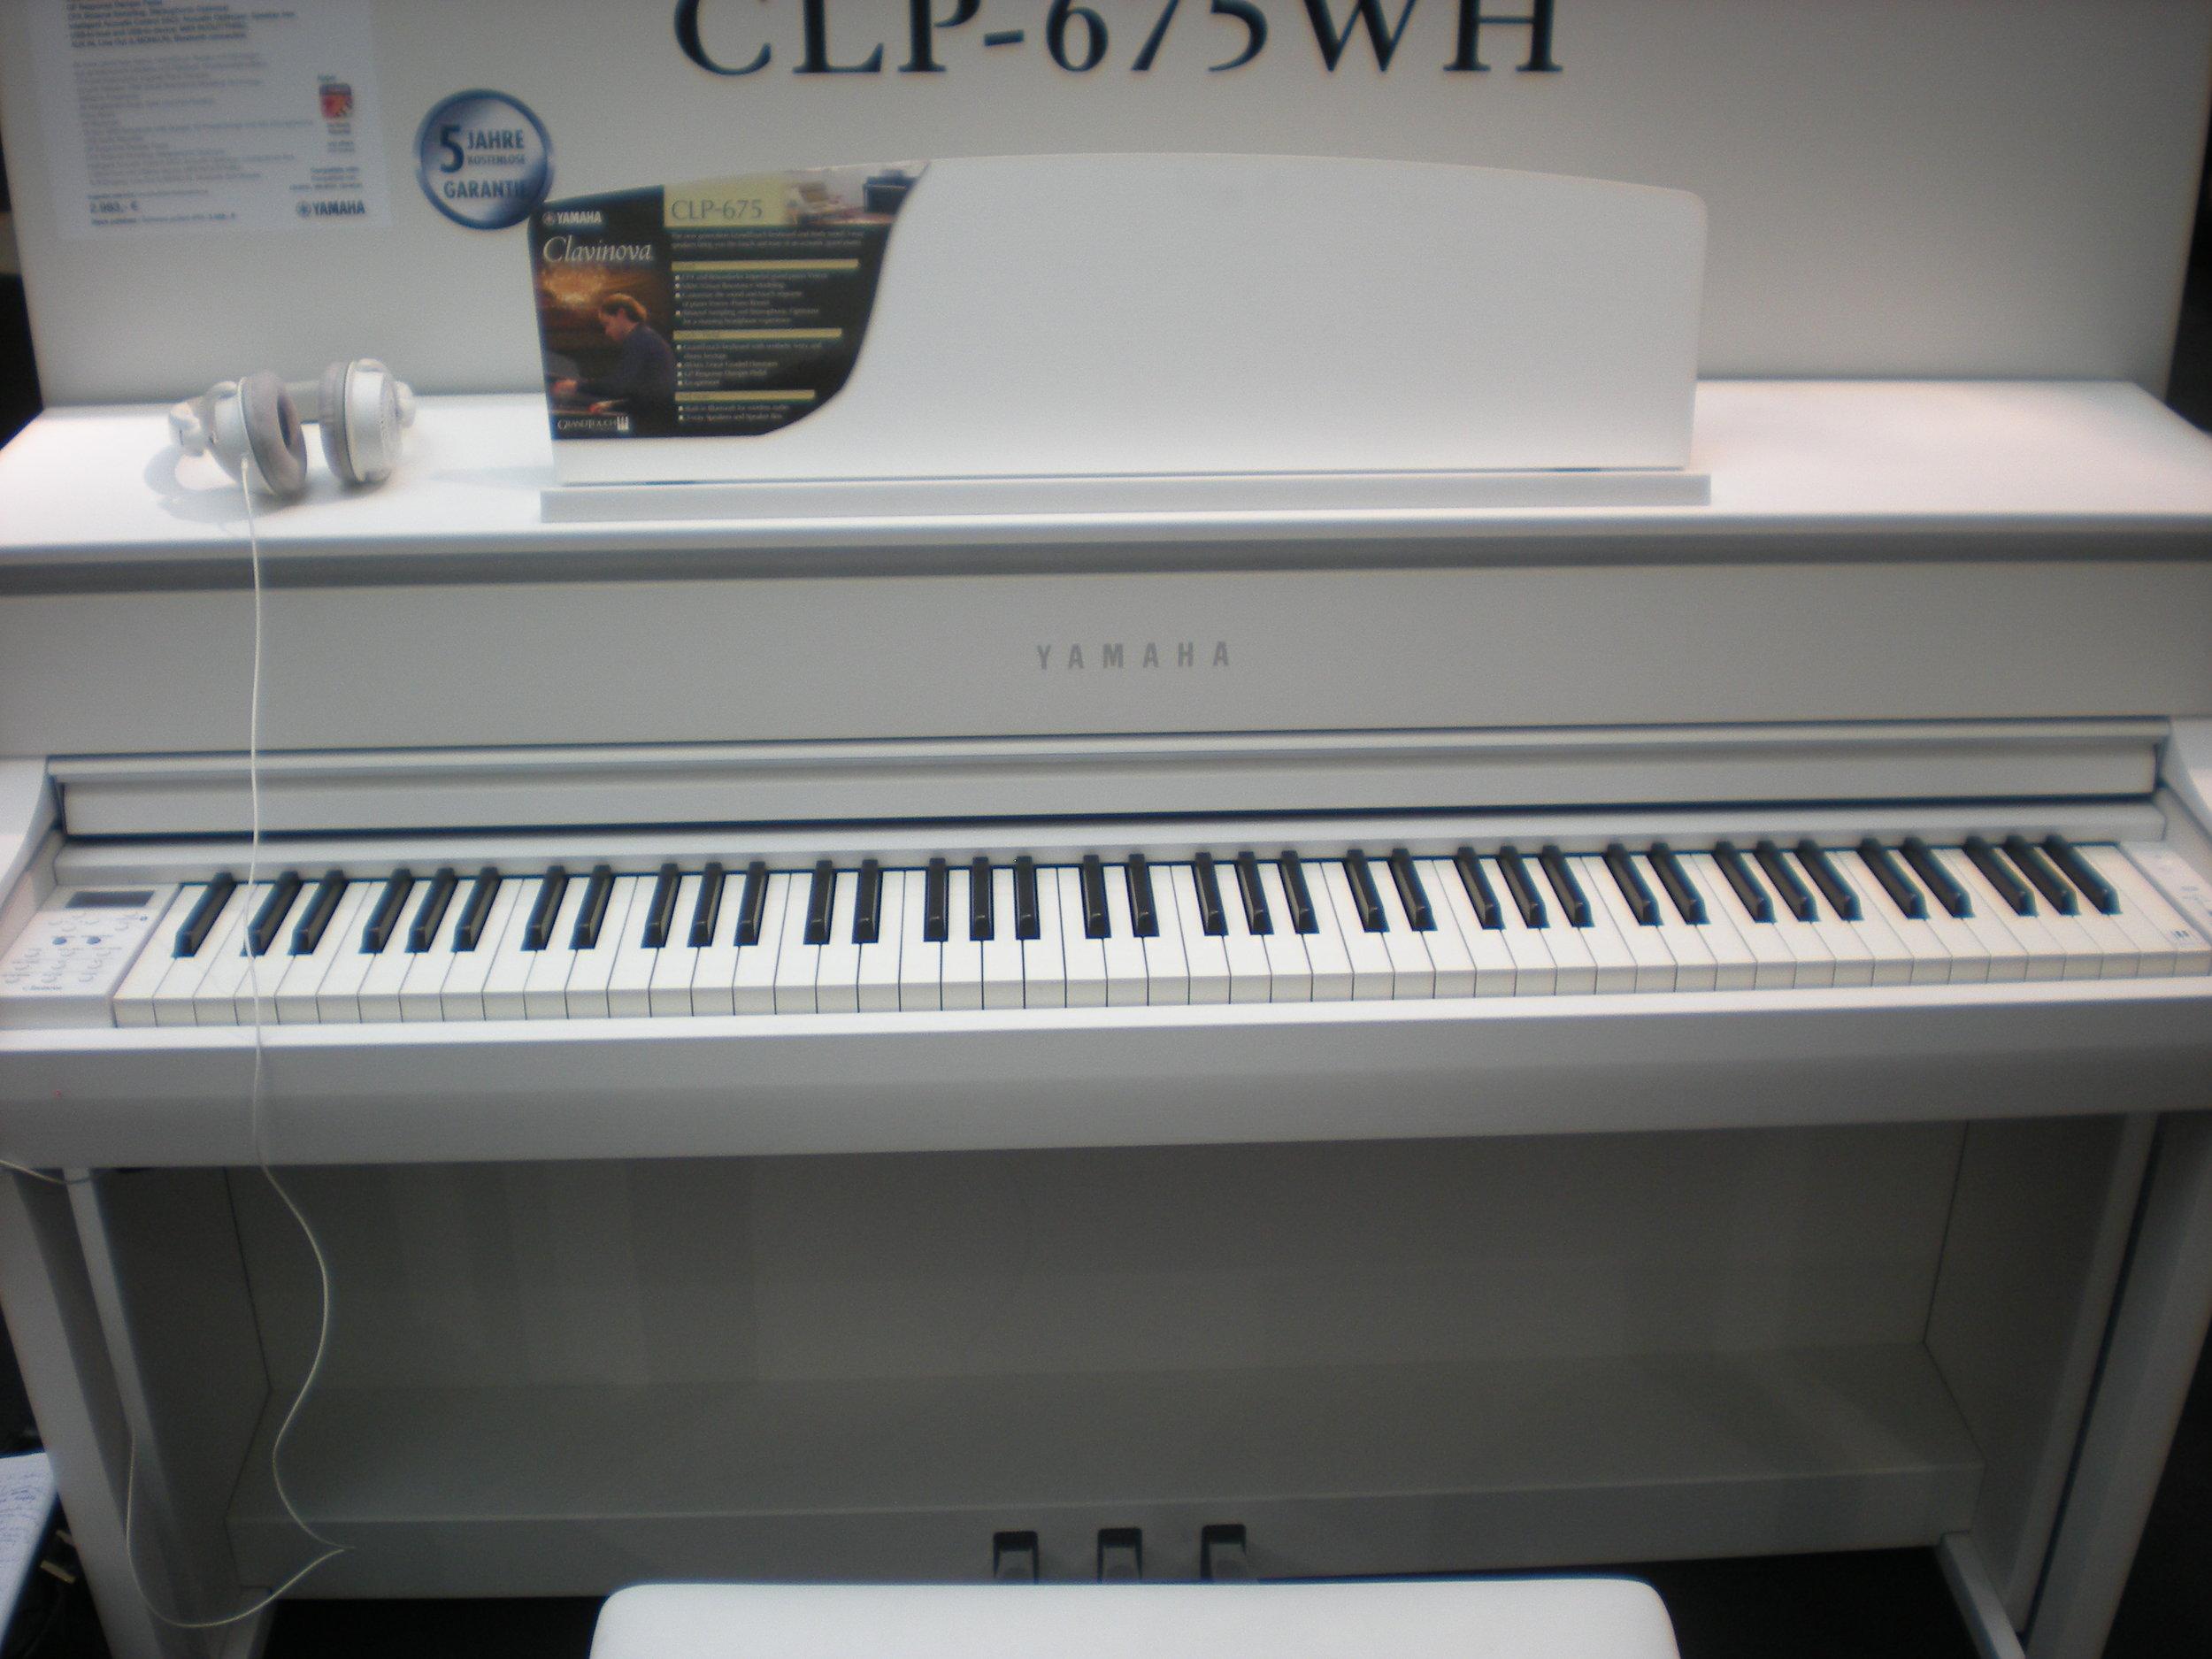 Yamaha CLP-675